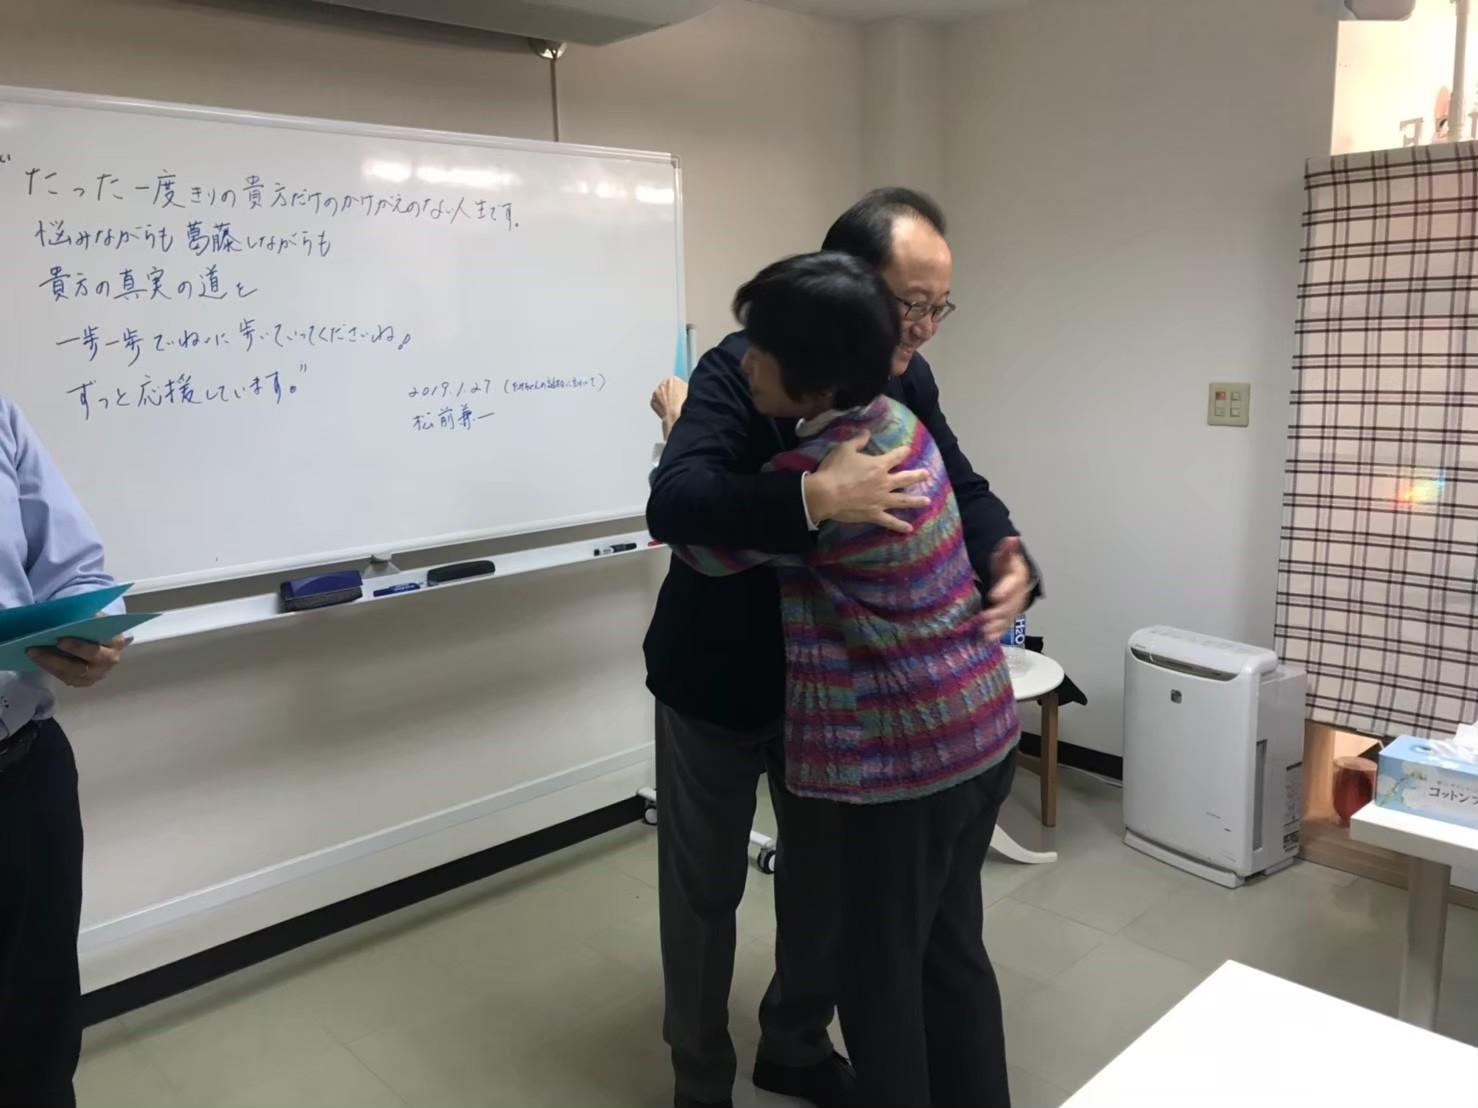 2019.1.26〜27 200229 0030 - ピーチスノウで学ぶ色彩人間学